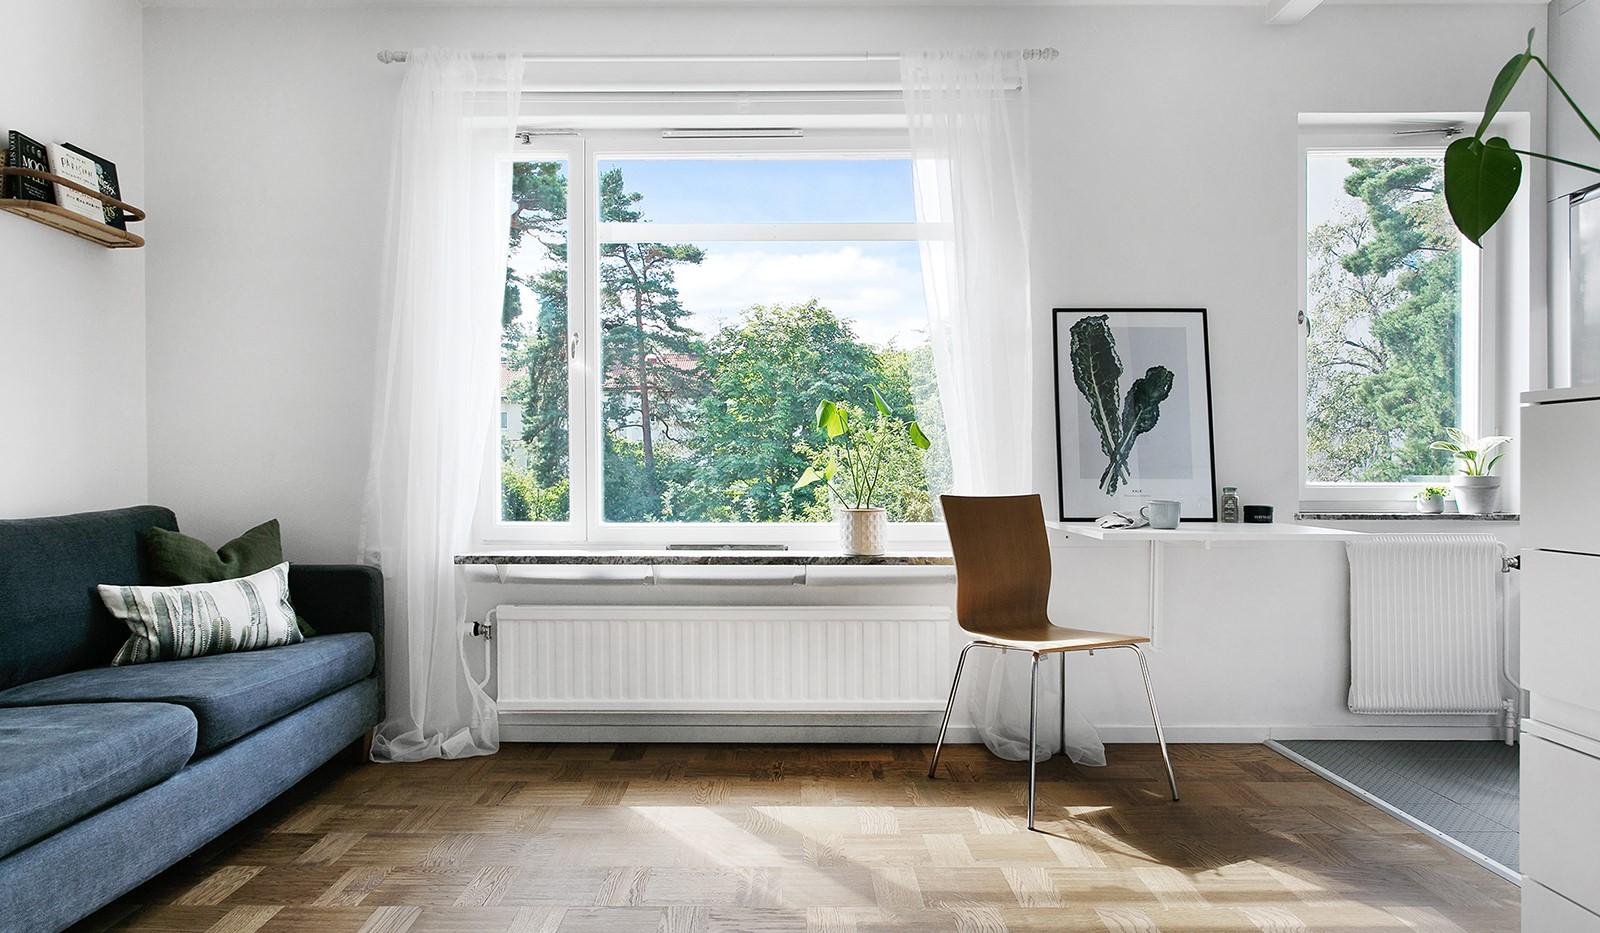 Kolbäcksgränd 28, 2 tr - Härligt ljusinsläpp från stora fönster